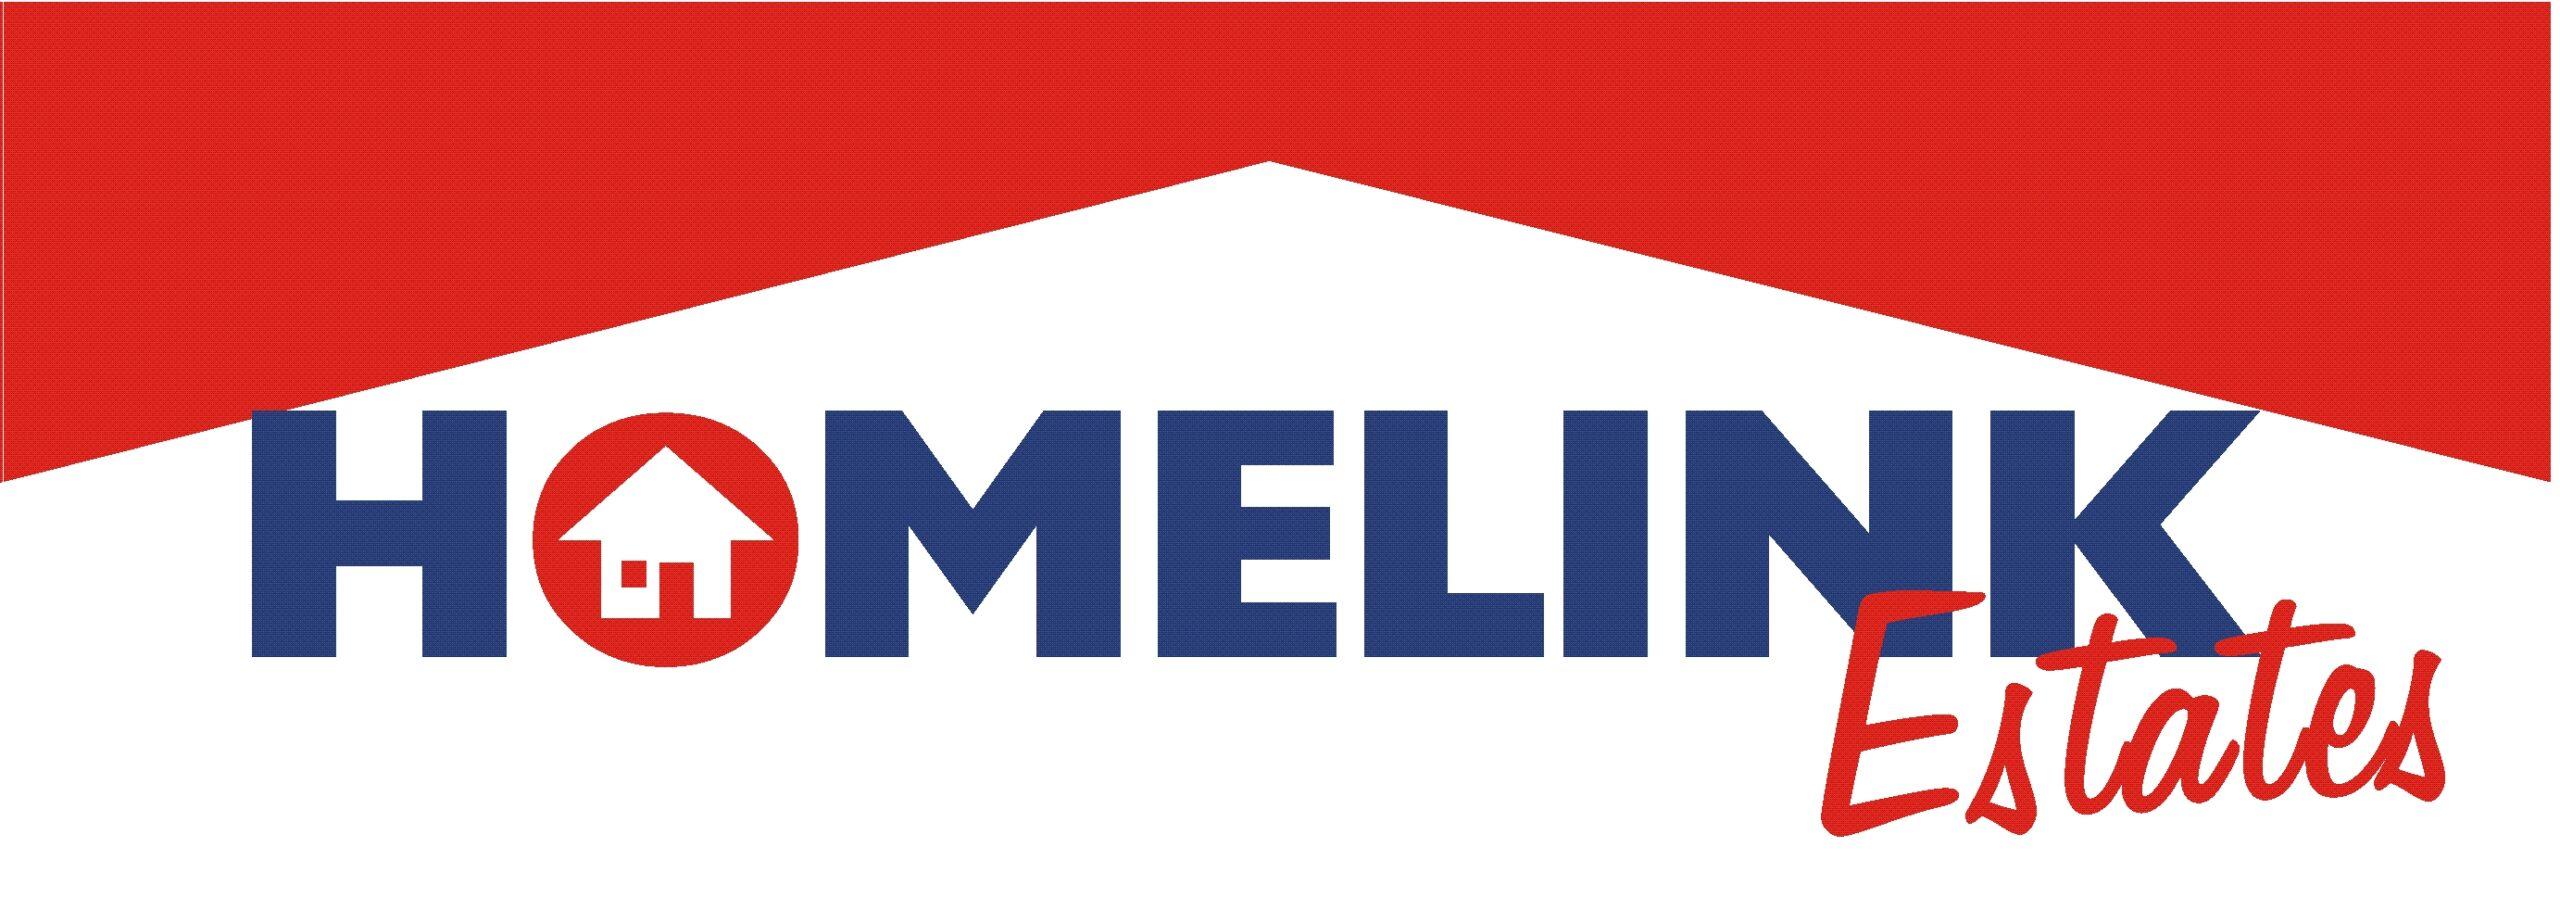 Homelink Estates logo